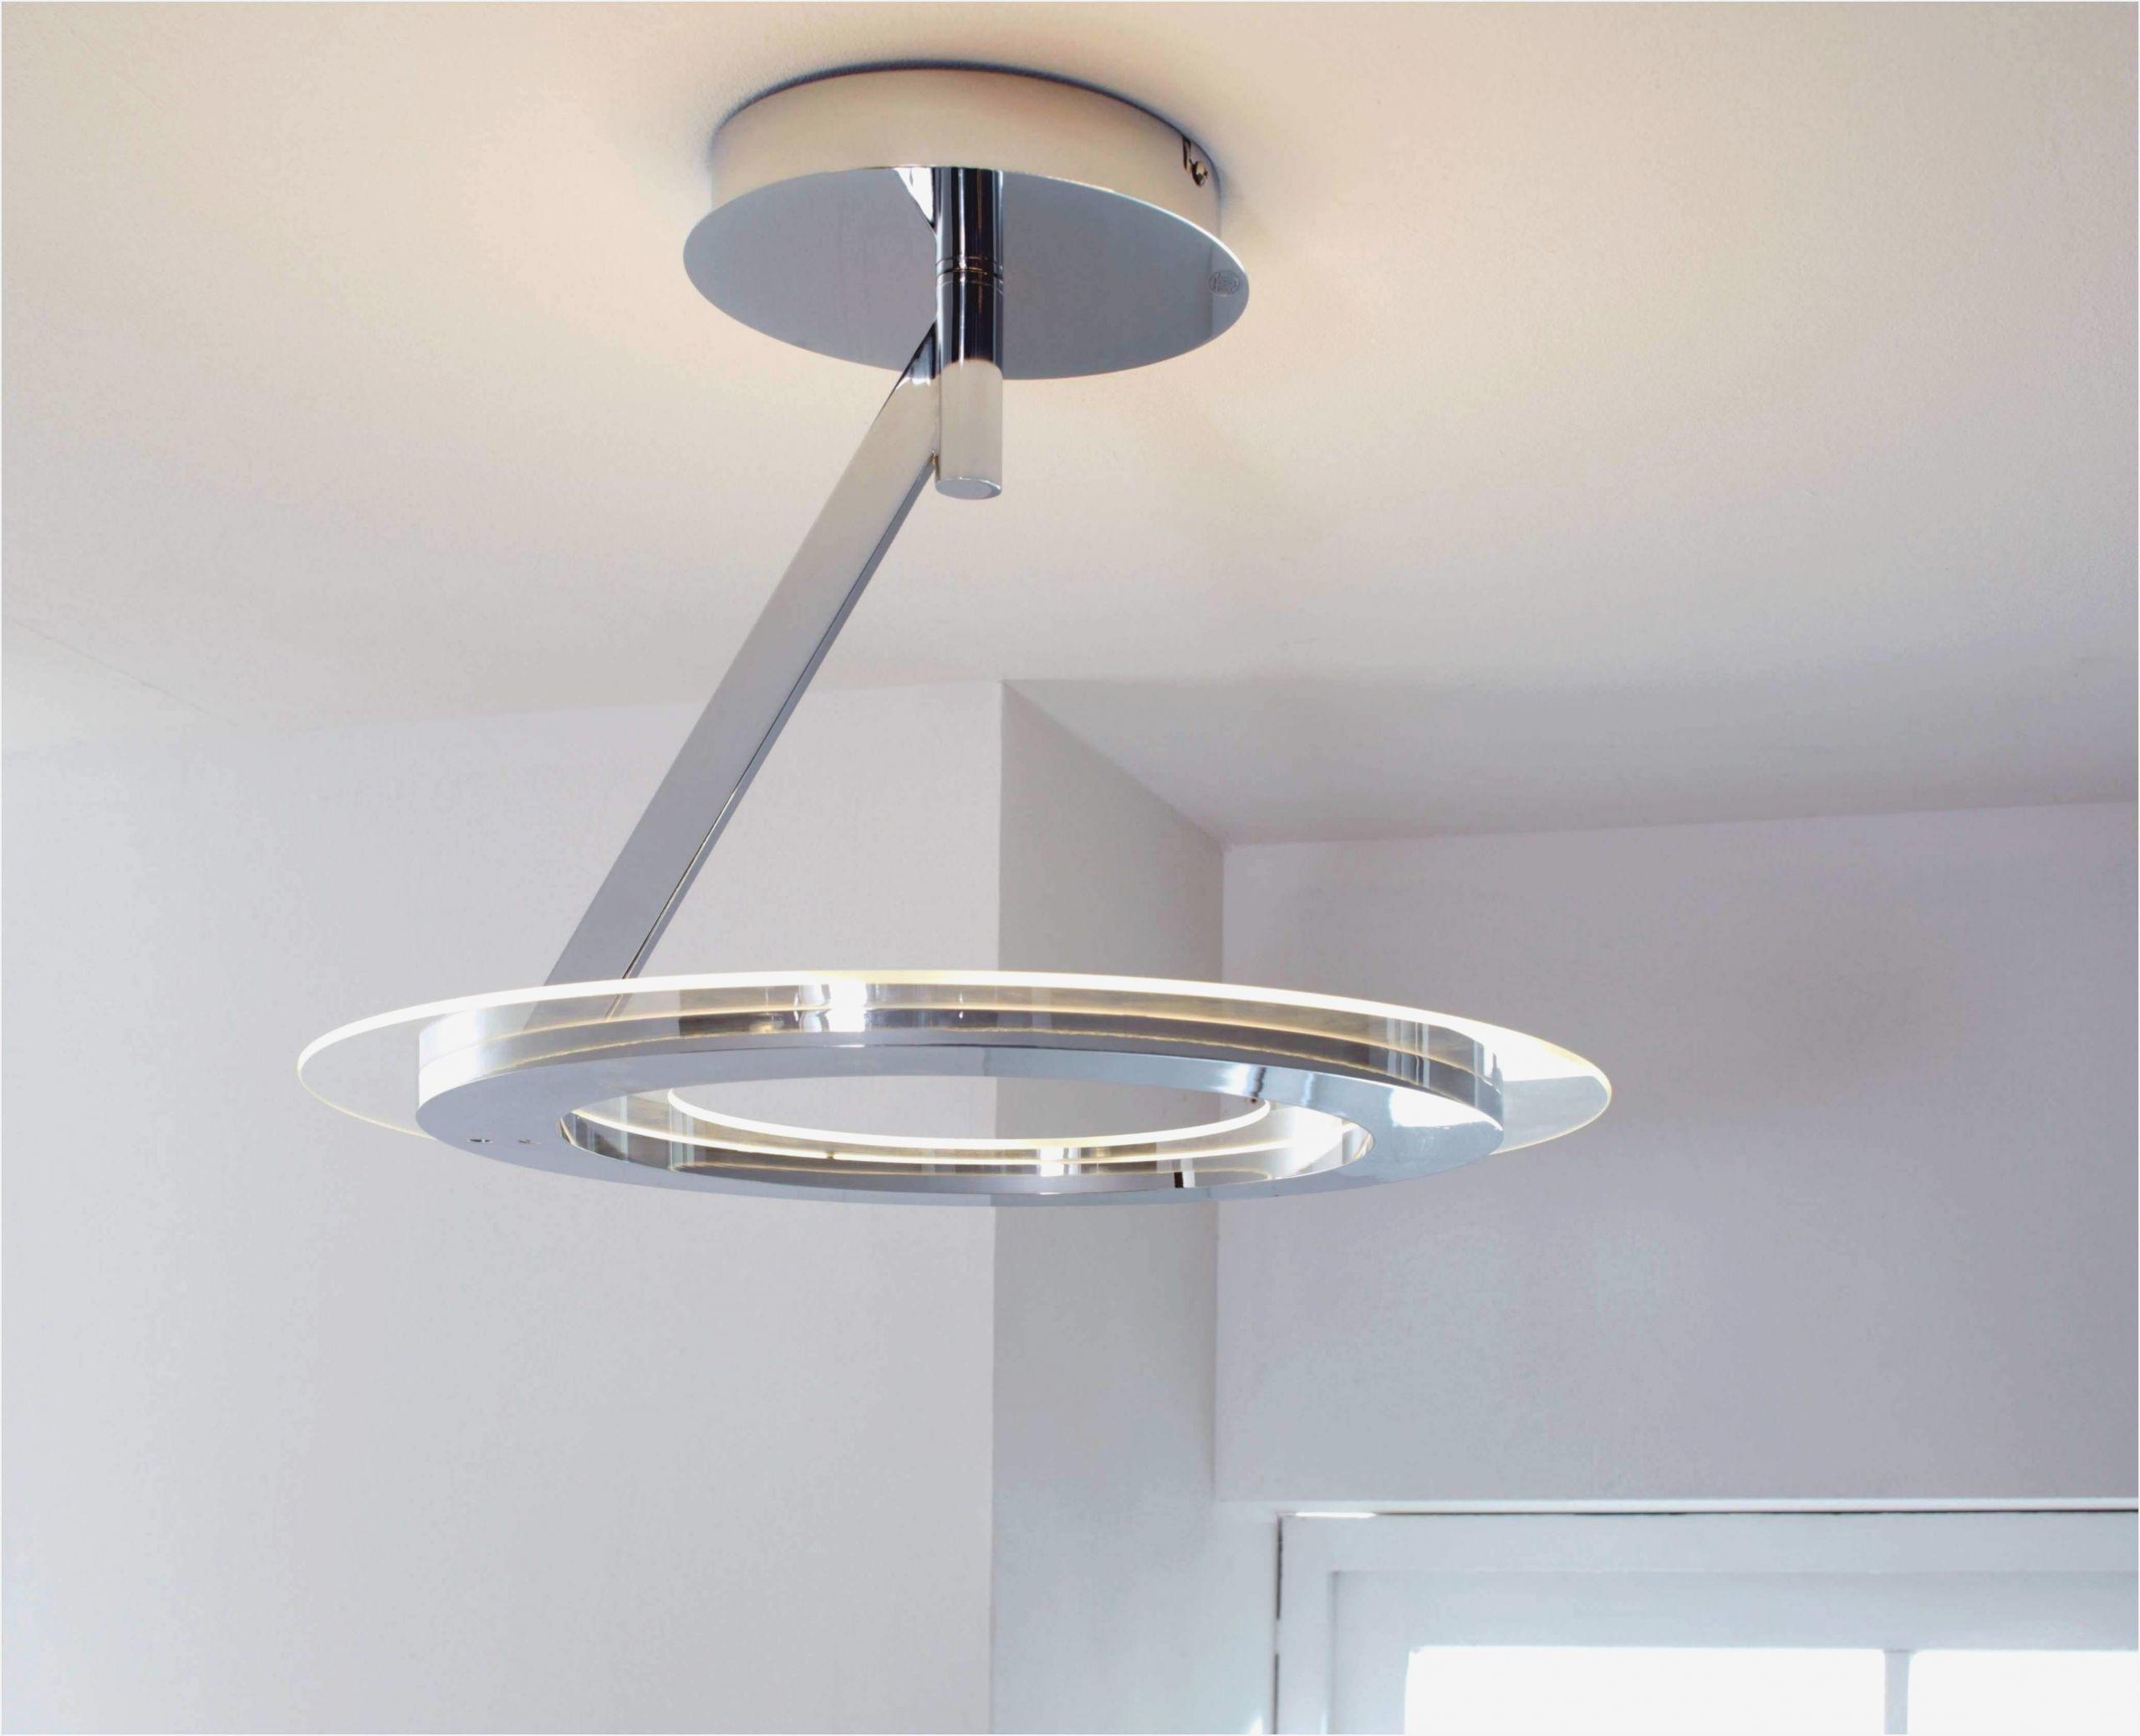 Full Size of Deckenlampen Ideen Deckenleuchte Schlafzimmer Traumhaus Bad Renovieren Für Wohnzimmer Tapeten Modern Wohnzimmer Deckenlampen Ideen